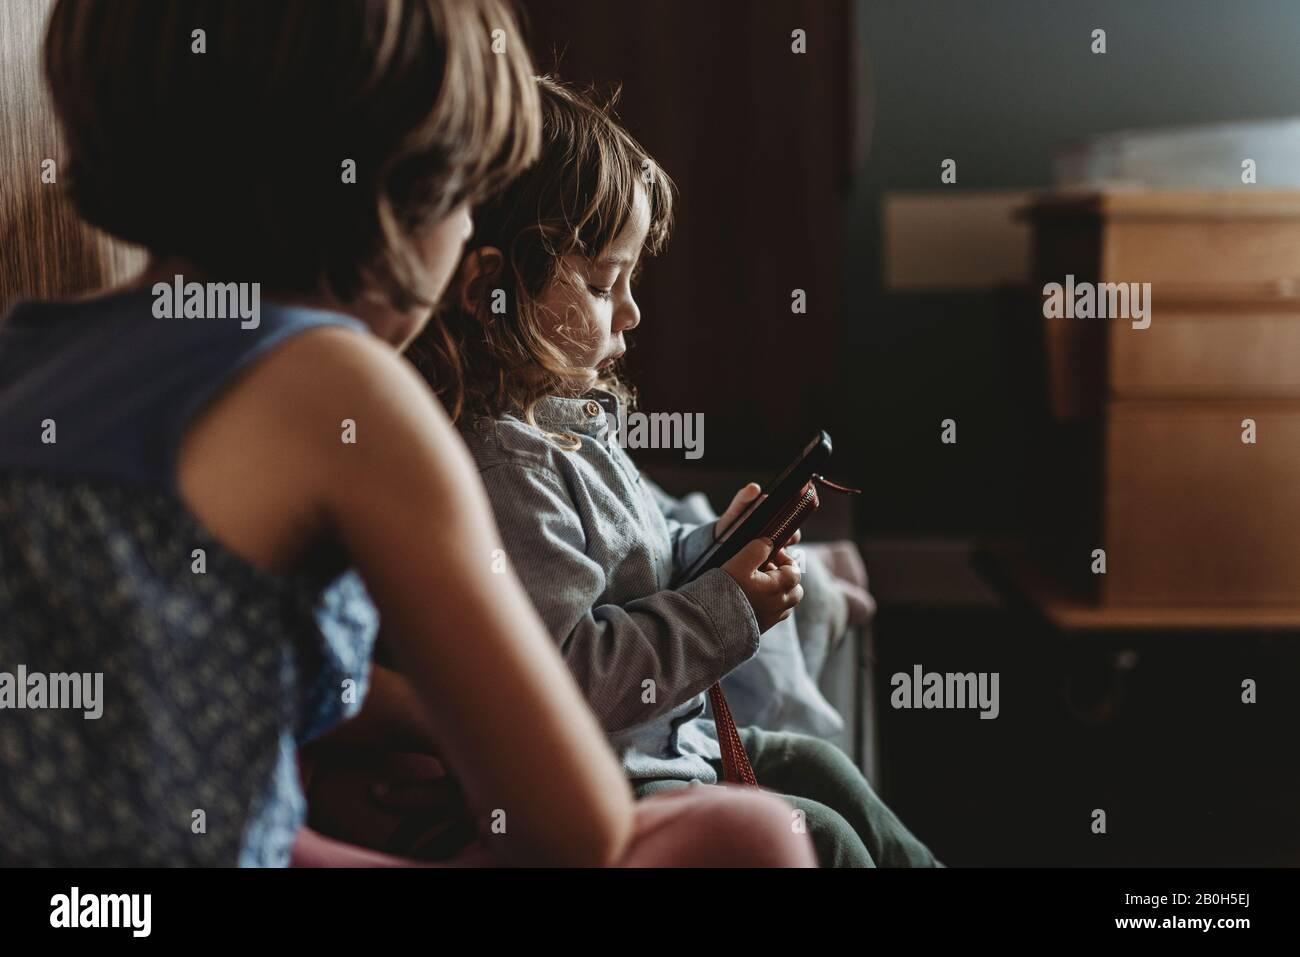 Vue latérale d'un jeune garçon jouant au téléphone à l'hôpital Banque D'Images